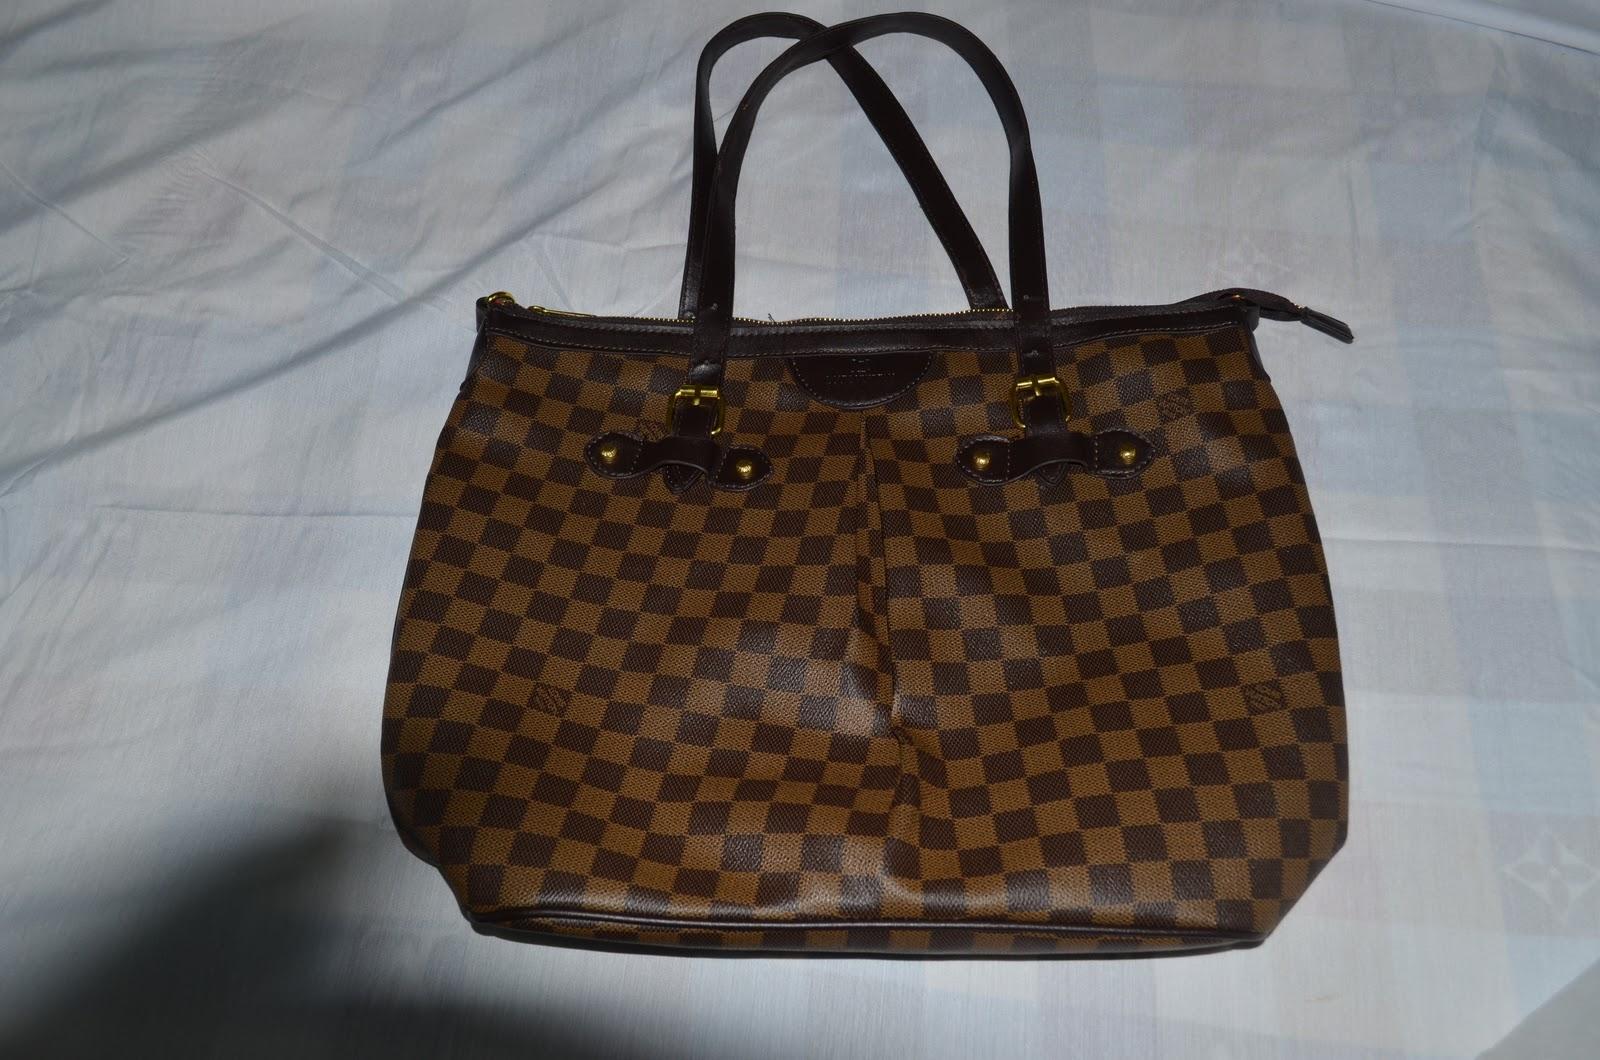 white trash authentic louis vuitton handbag sold